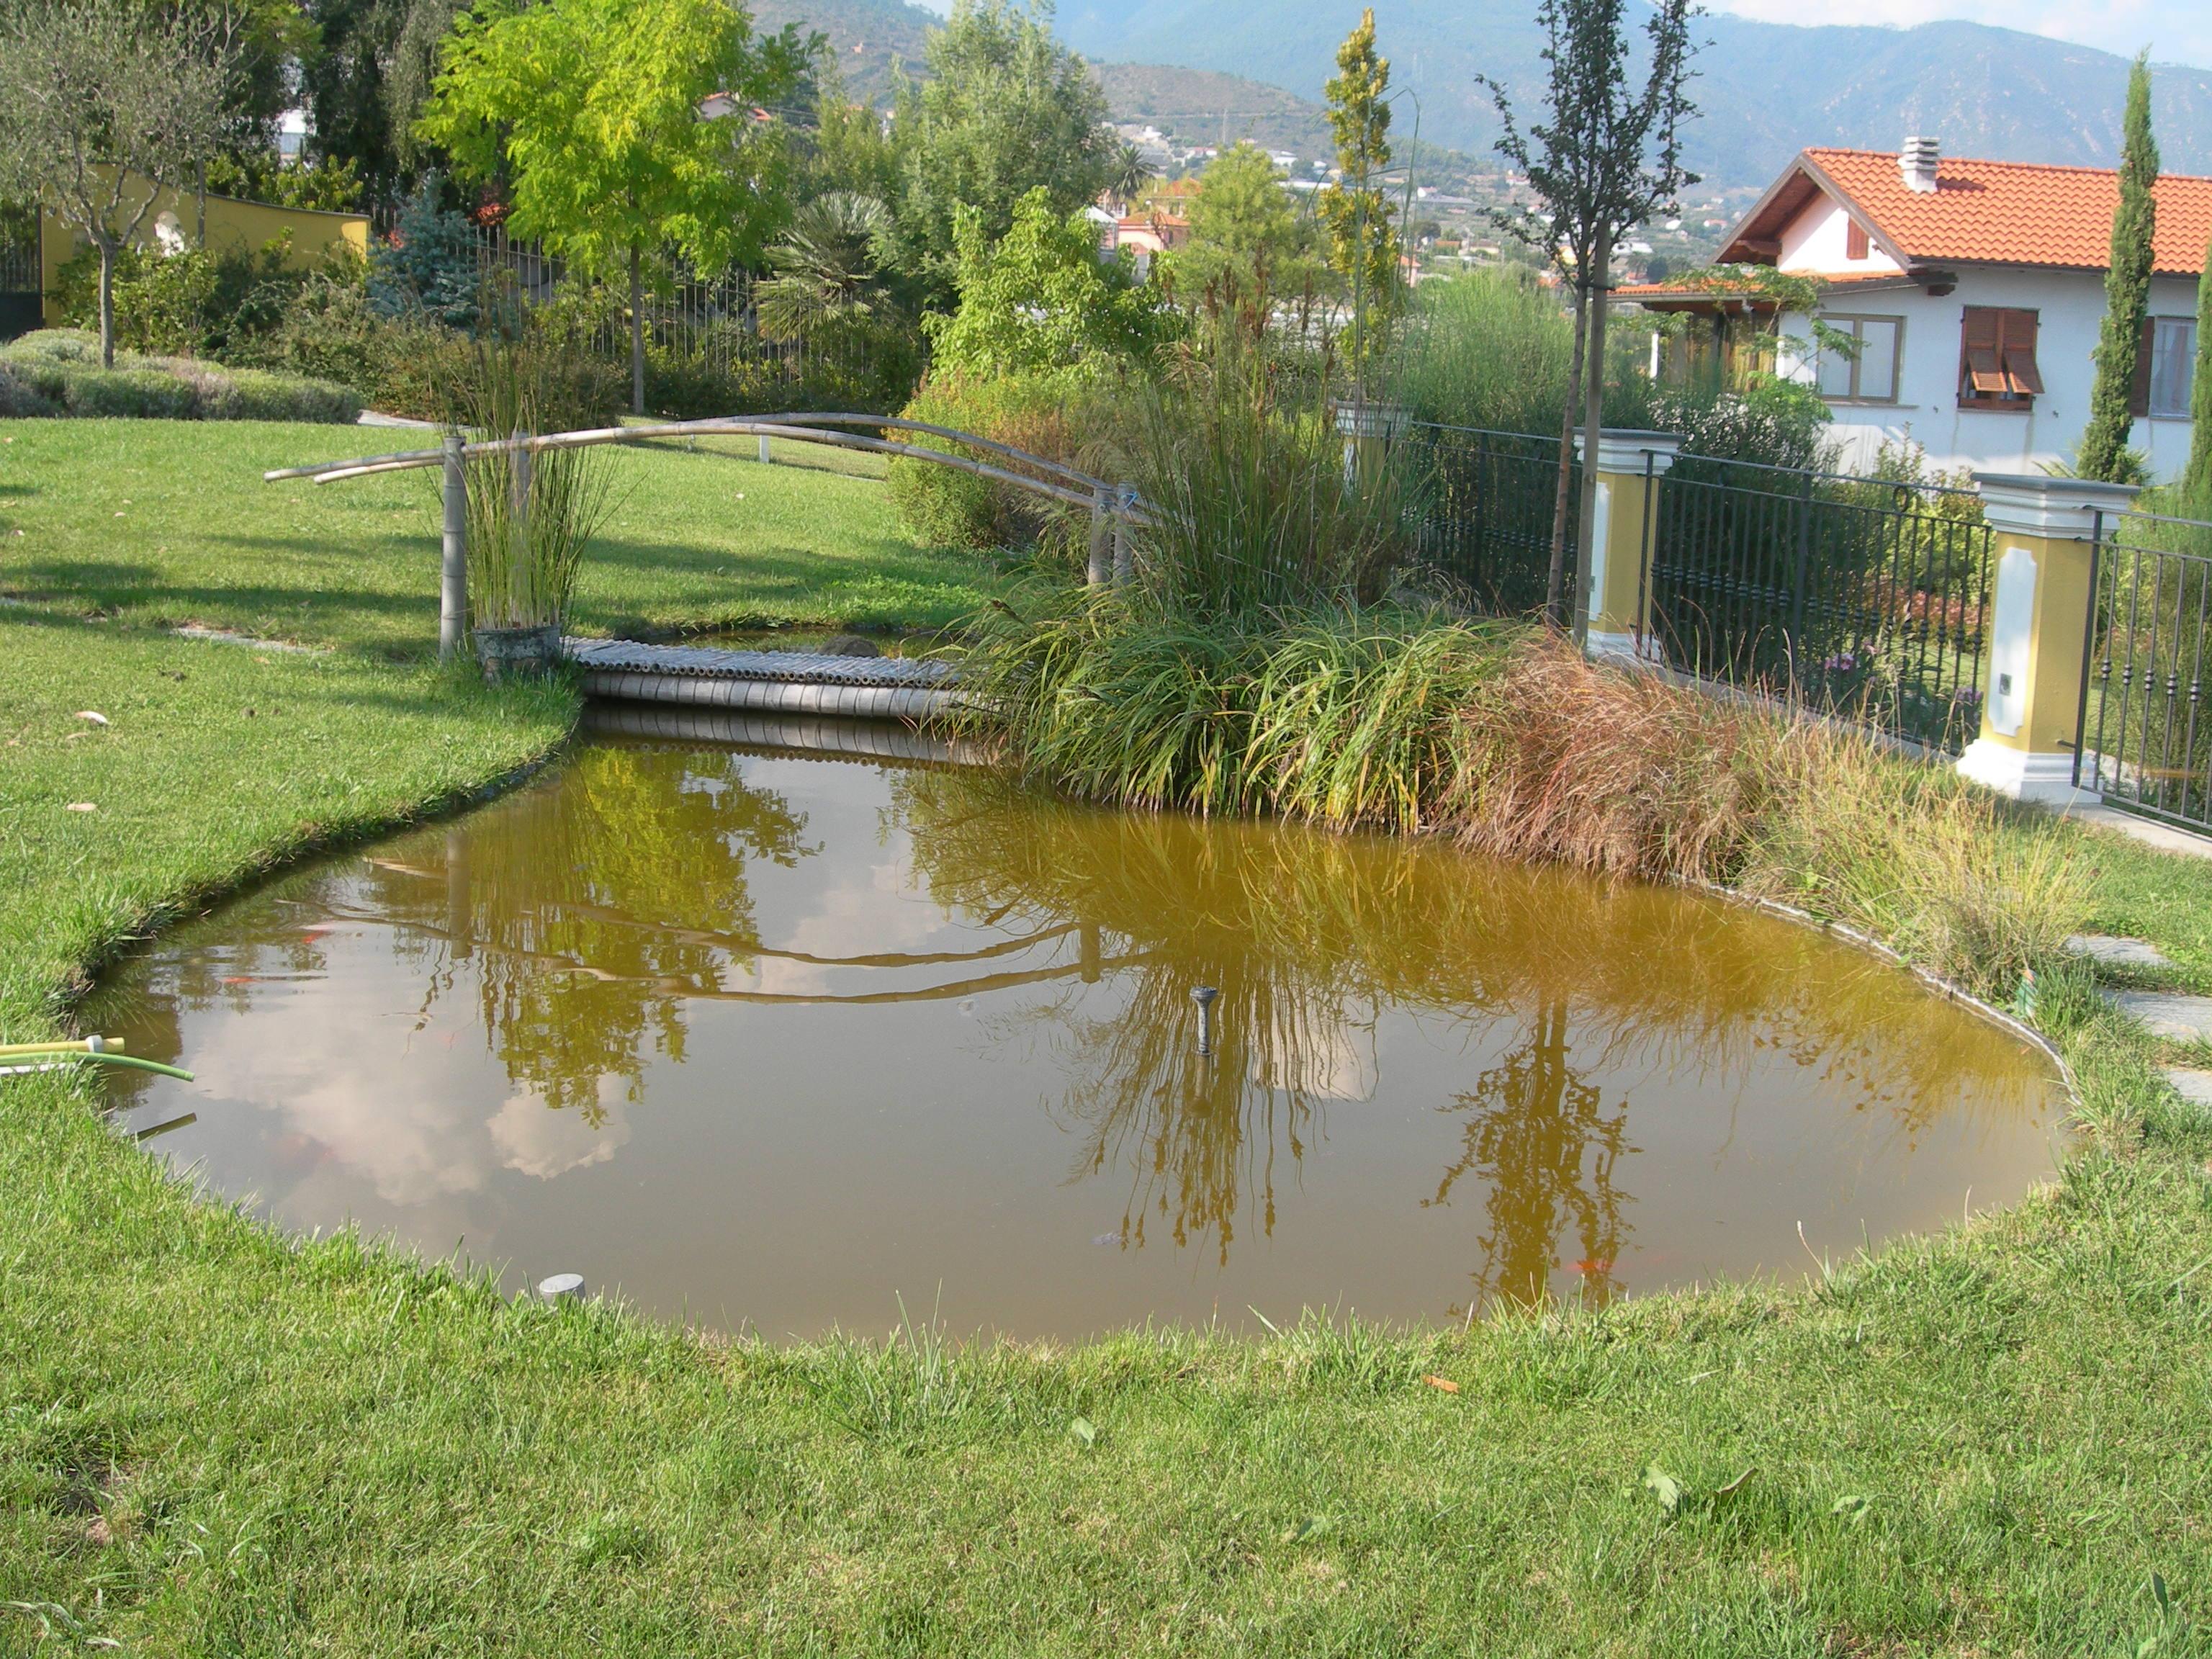 Benza laghetti da giardino cascate e ruscelli artificiali for Laghetto in giardino pesci